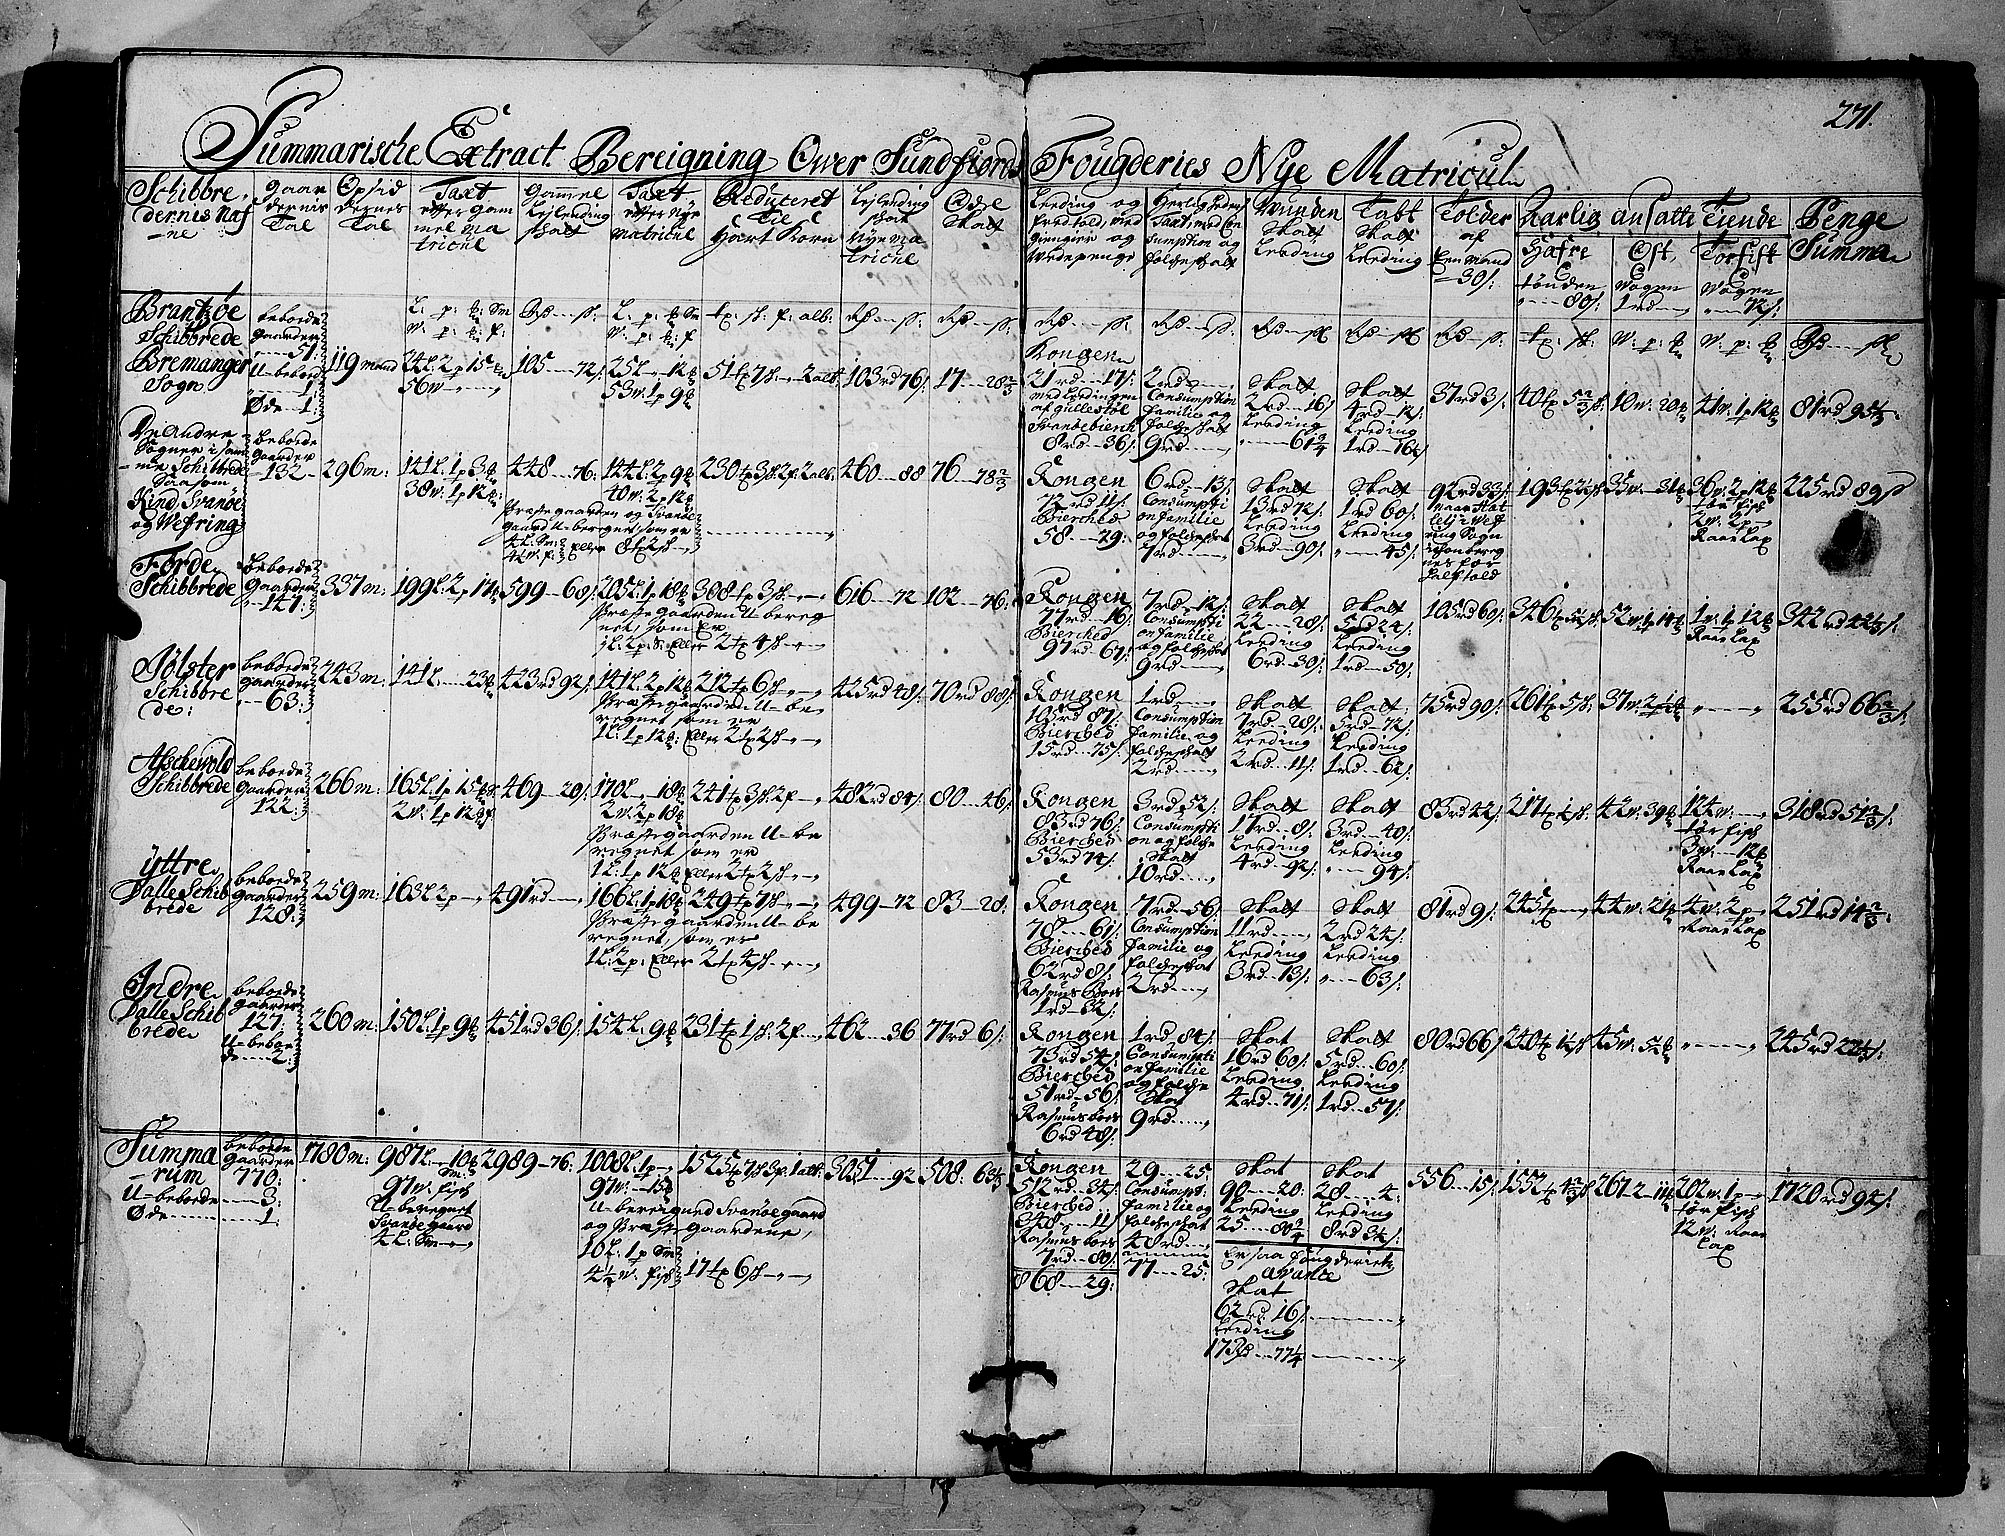 RA, Rentekammeret inntil 1814, Realistisk ordnet avdeling, N/Nb/Nbf/L0147: Sunnfjord og Nordfjord matrikkelprotokoll, 1723, s. 270b-271a